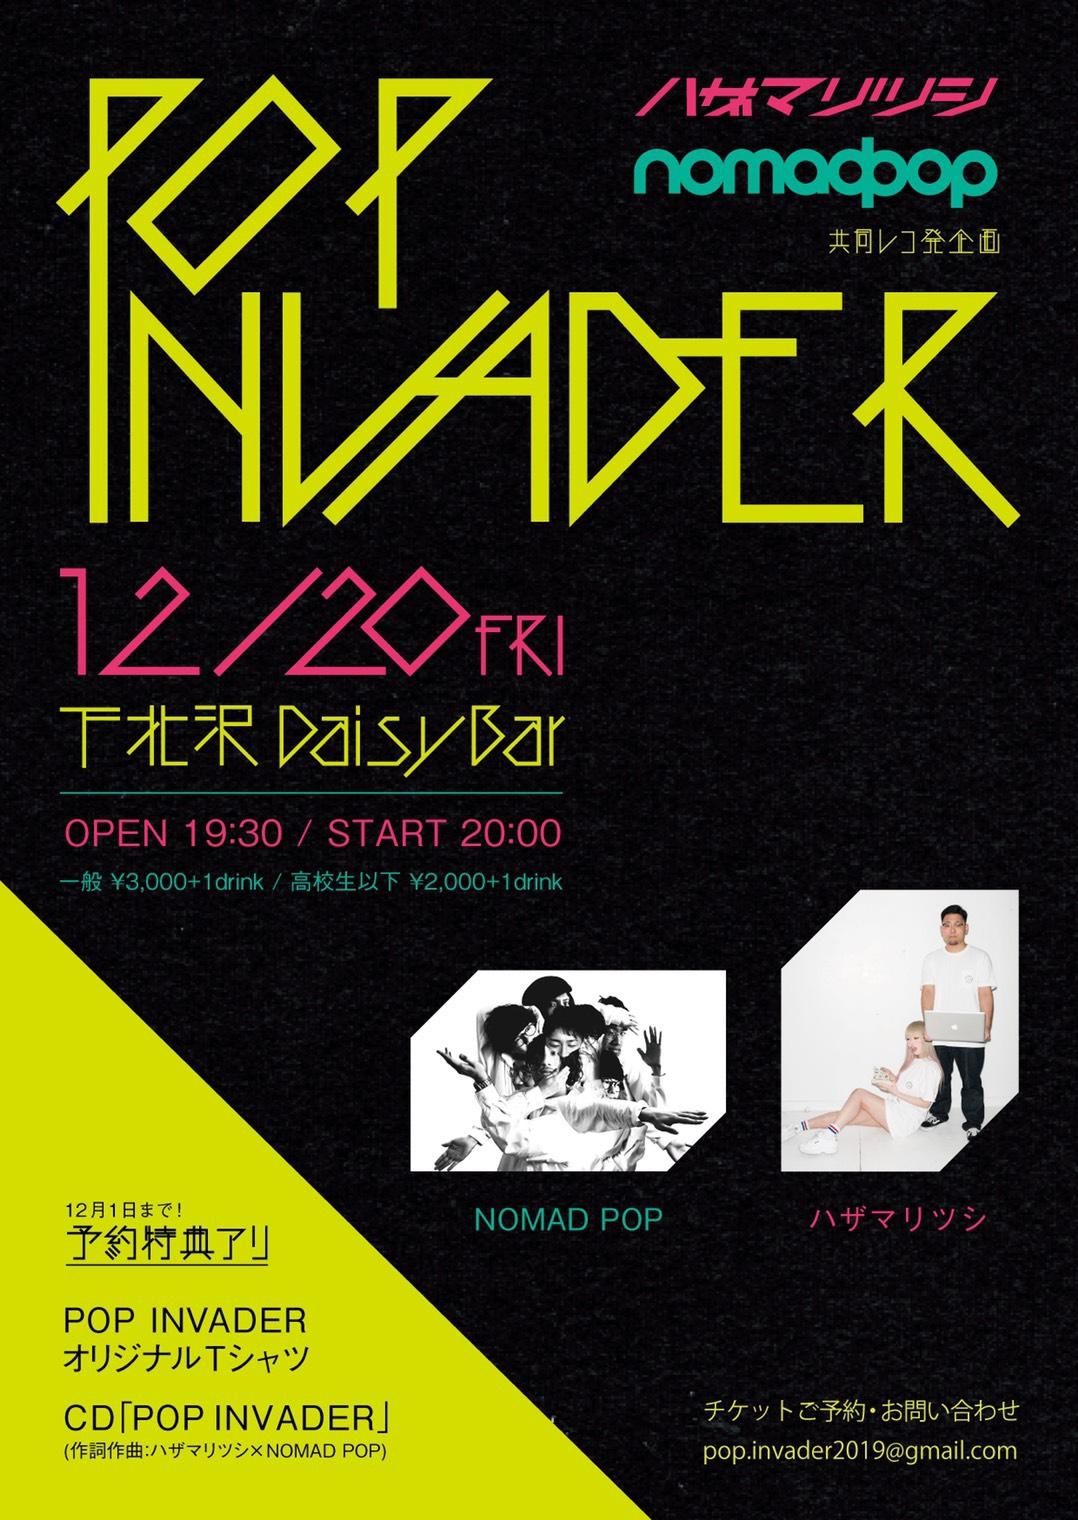 POP_INVADER_POP 12/20(金) @下北沢DaisyBar